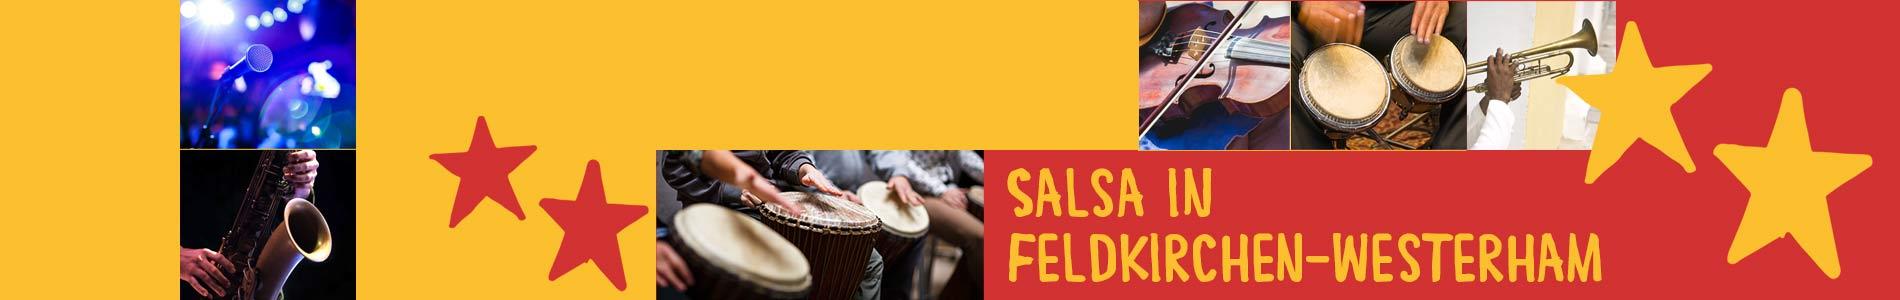 Salsa in Feldkirchen-Westerham – Salsa lernen und tanzen, Tanzkurse, Partys, Veranstaltungen